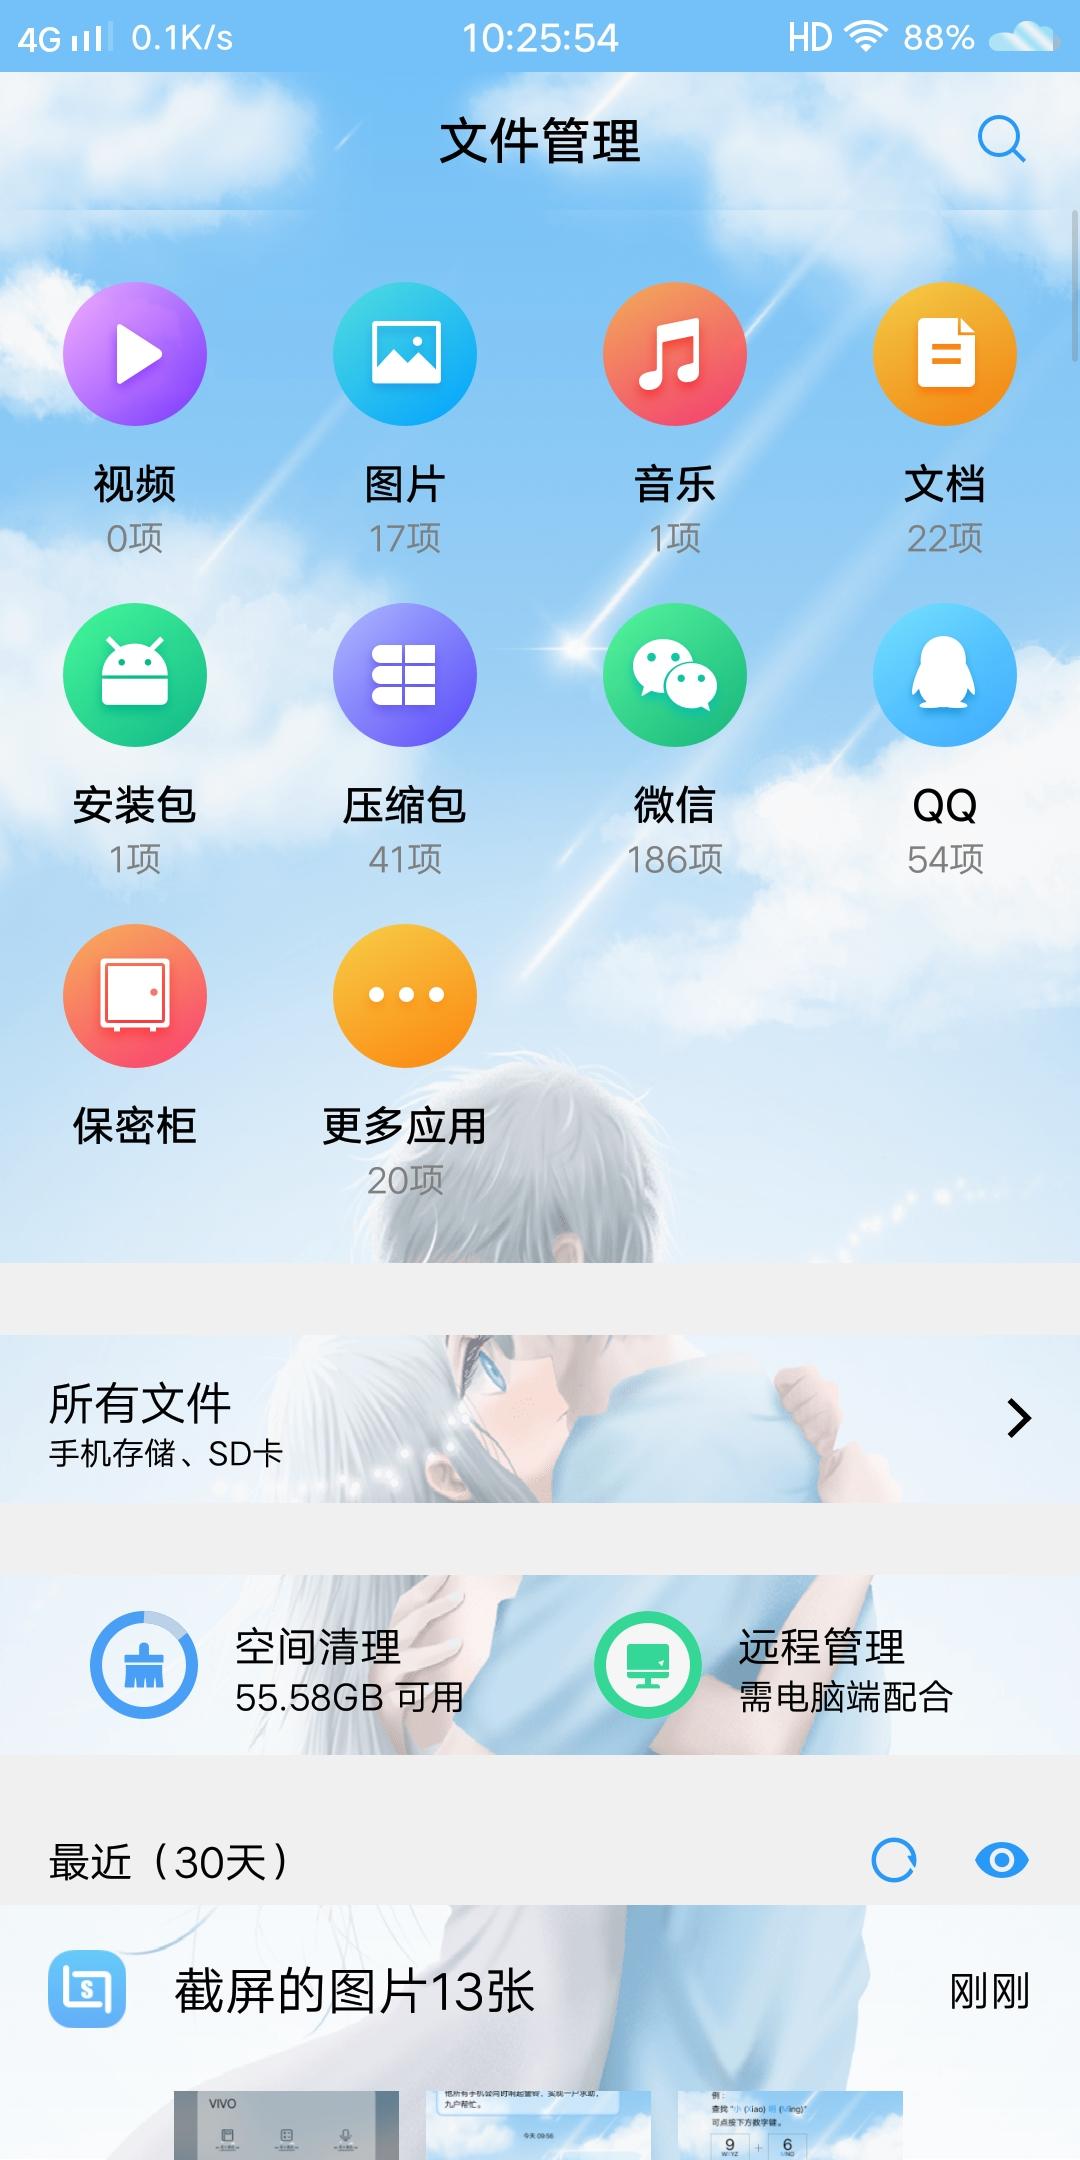 Screenshot_20190428_102554.jpg